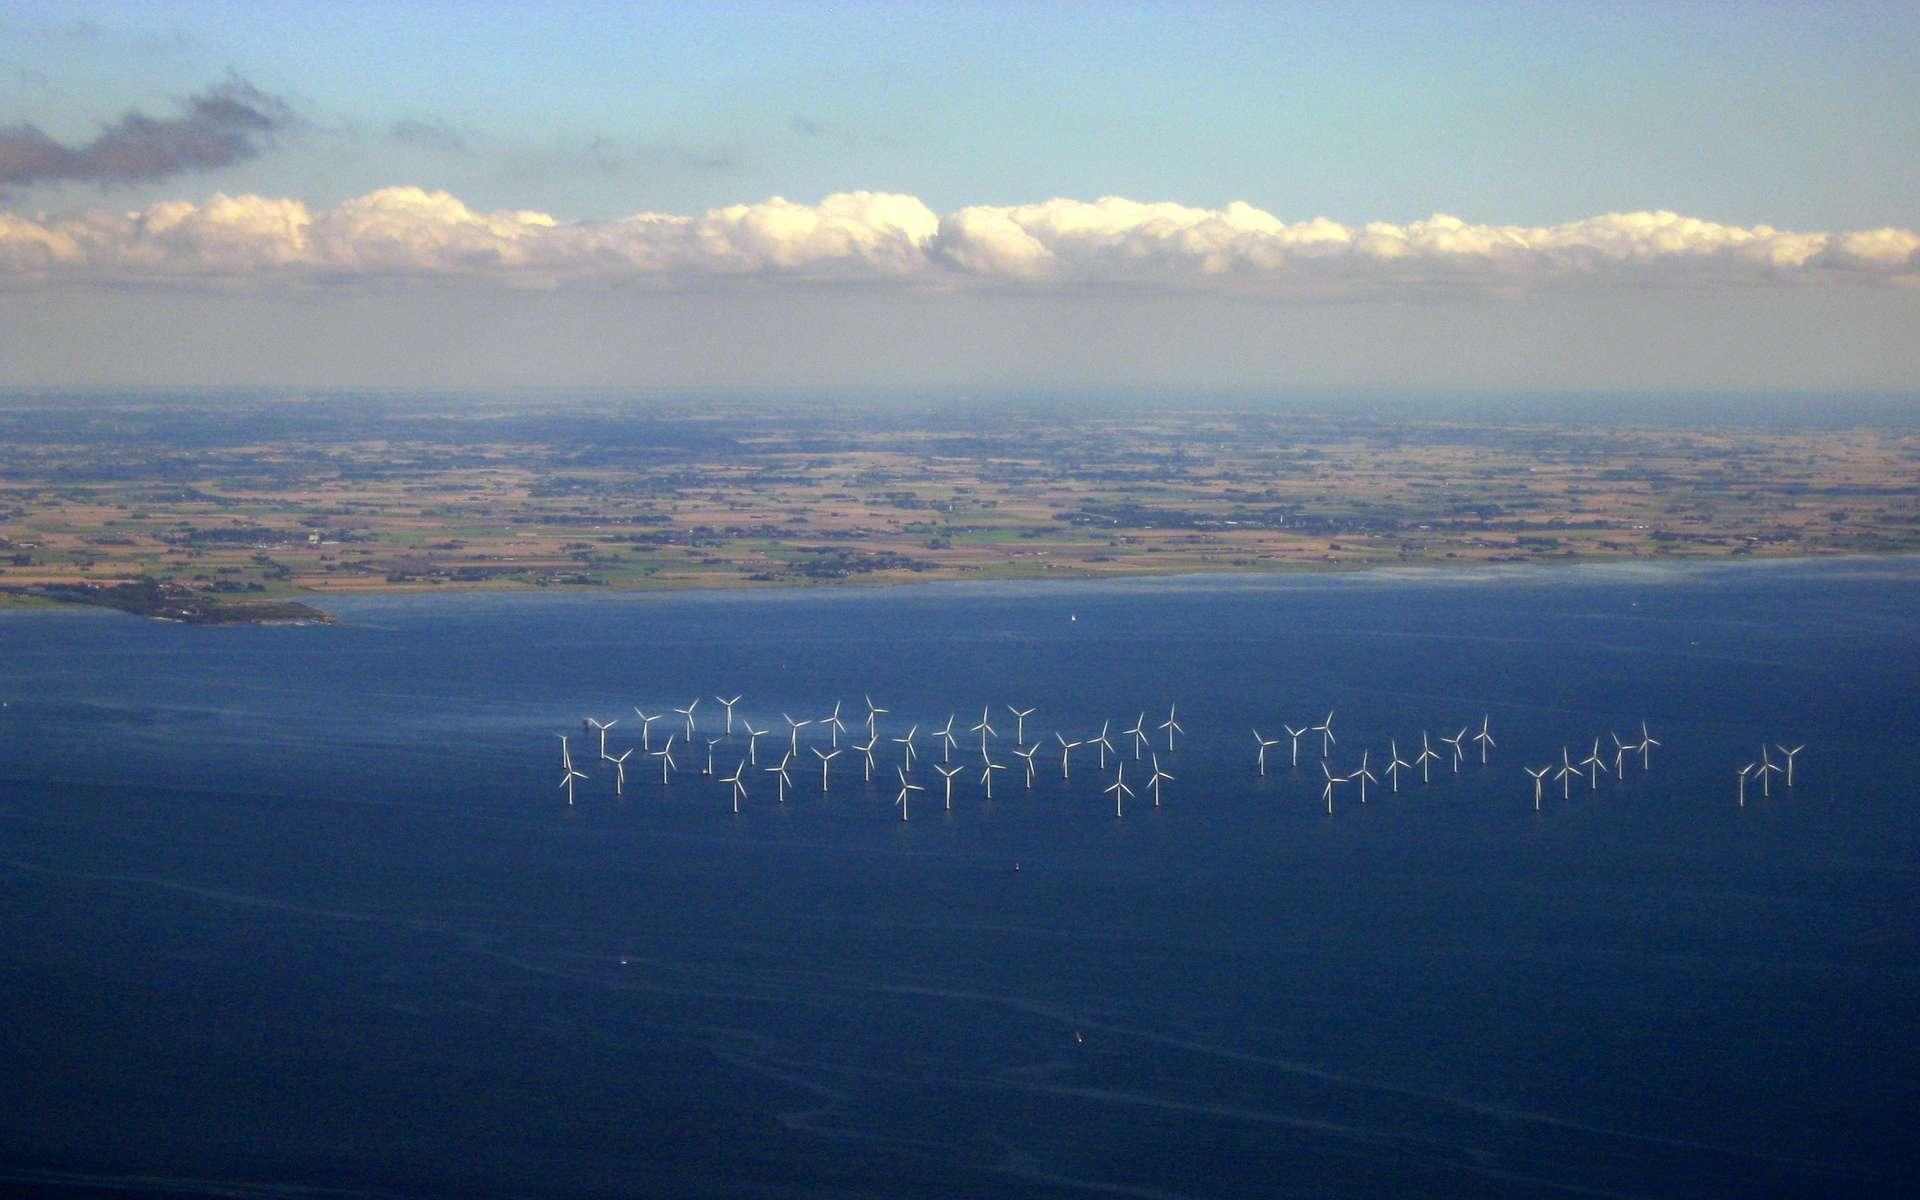 Les parcs éoliens offshore produisent beaucoup plus d'énergie, car en mer, le vent est plus constant et il y a moins de turbulences. Les traînées des éoliennes ont-elles pour autant moins d'impact qu'à terre ? © Tomasz Sienicki, cc by sa 3.0